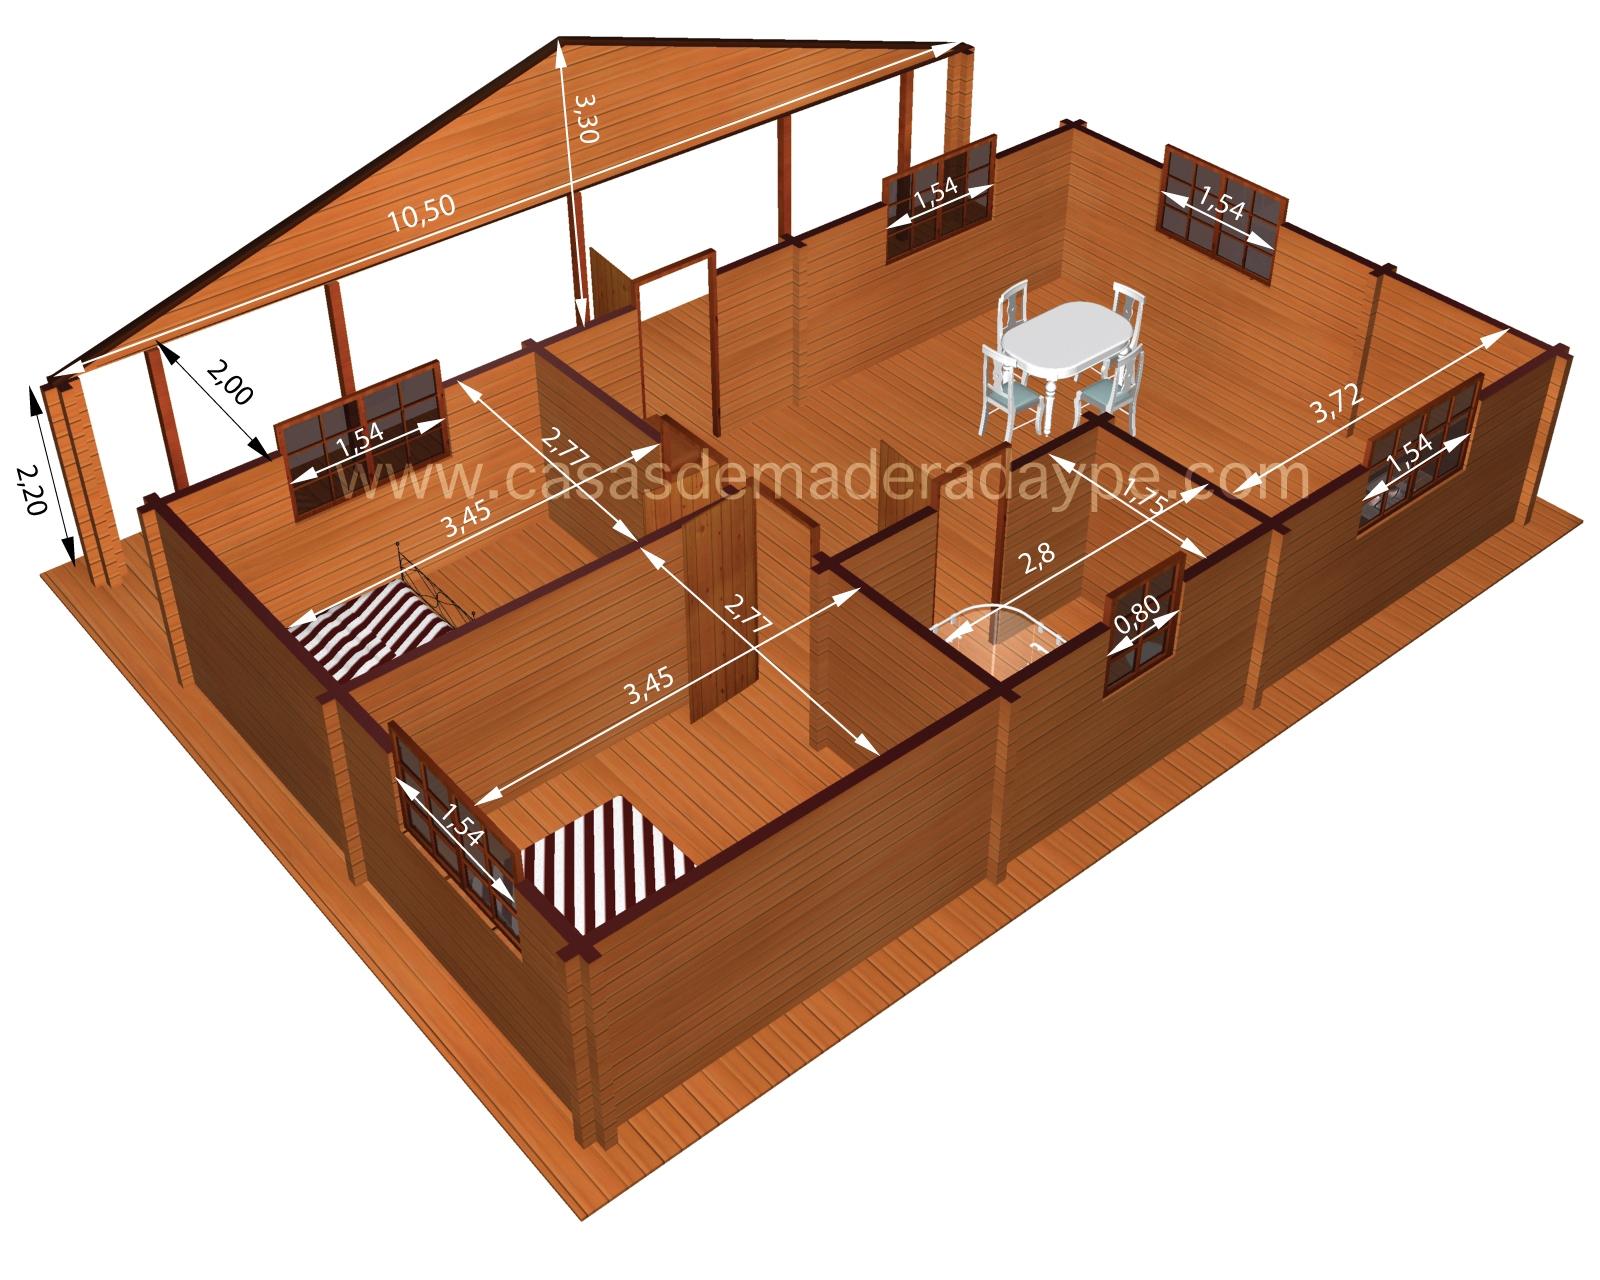 Casas de madera economicas - Casas madera economicas ...